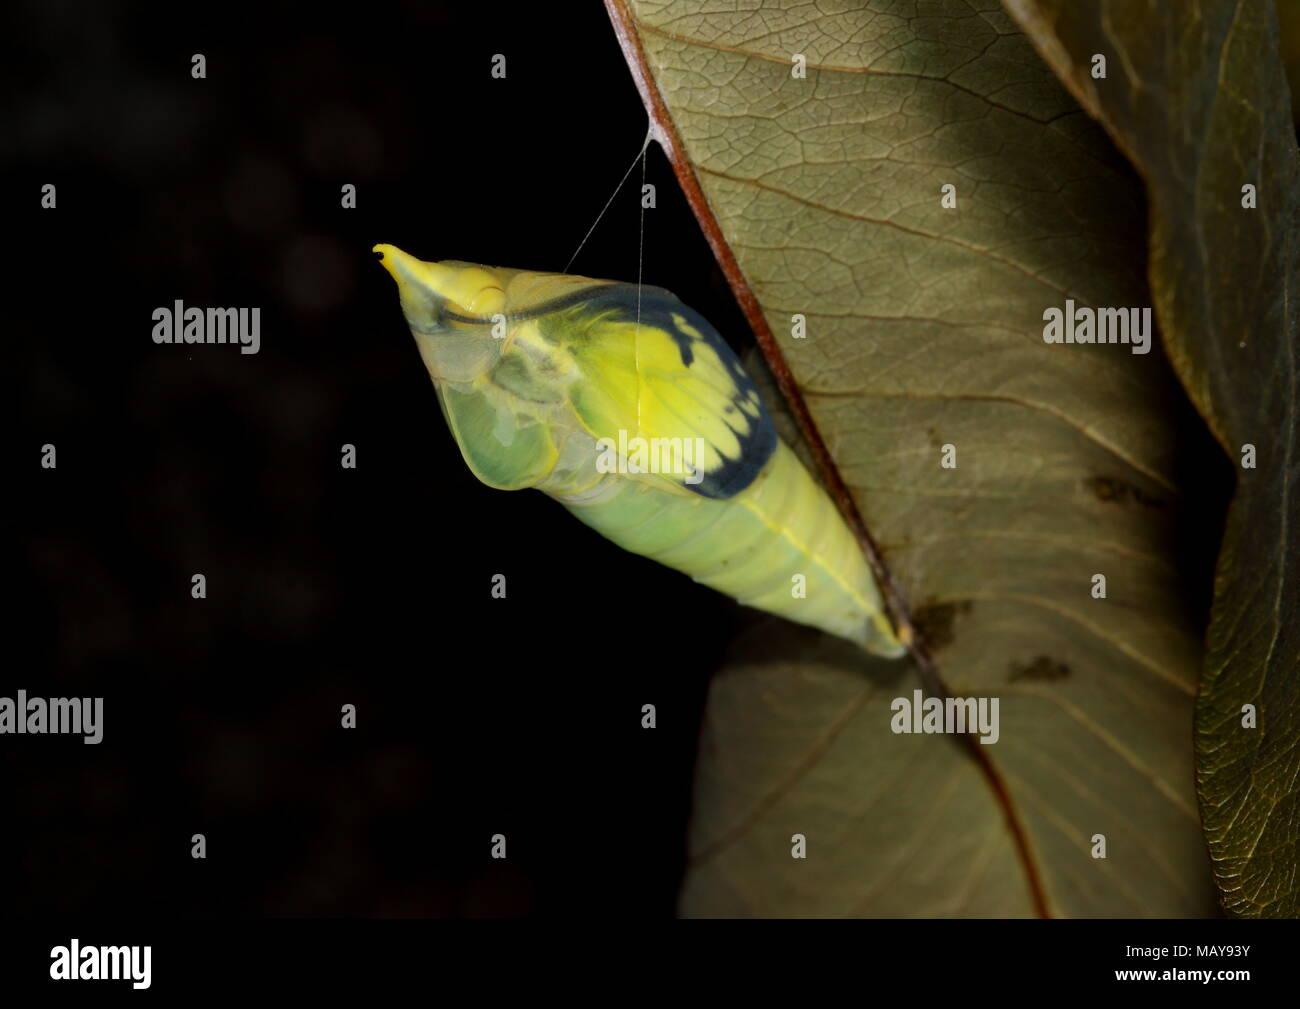 Coppia pupa dell'Emigrante comune o di limone emigrante butterfly con anta trasparente pad che mostra l'ampio bordo nero e macchie di cella. Immagini Stock